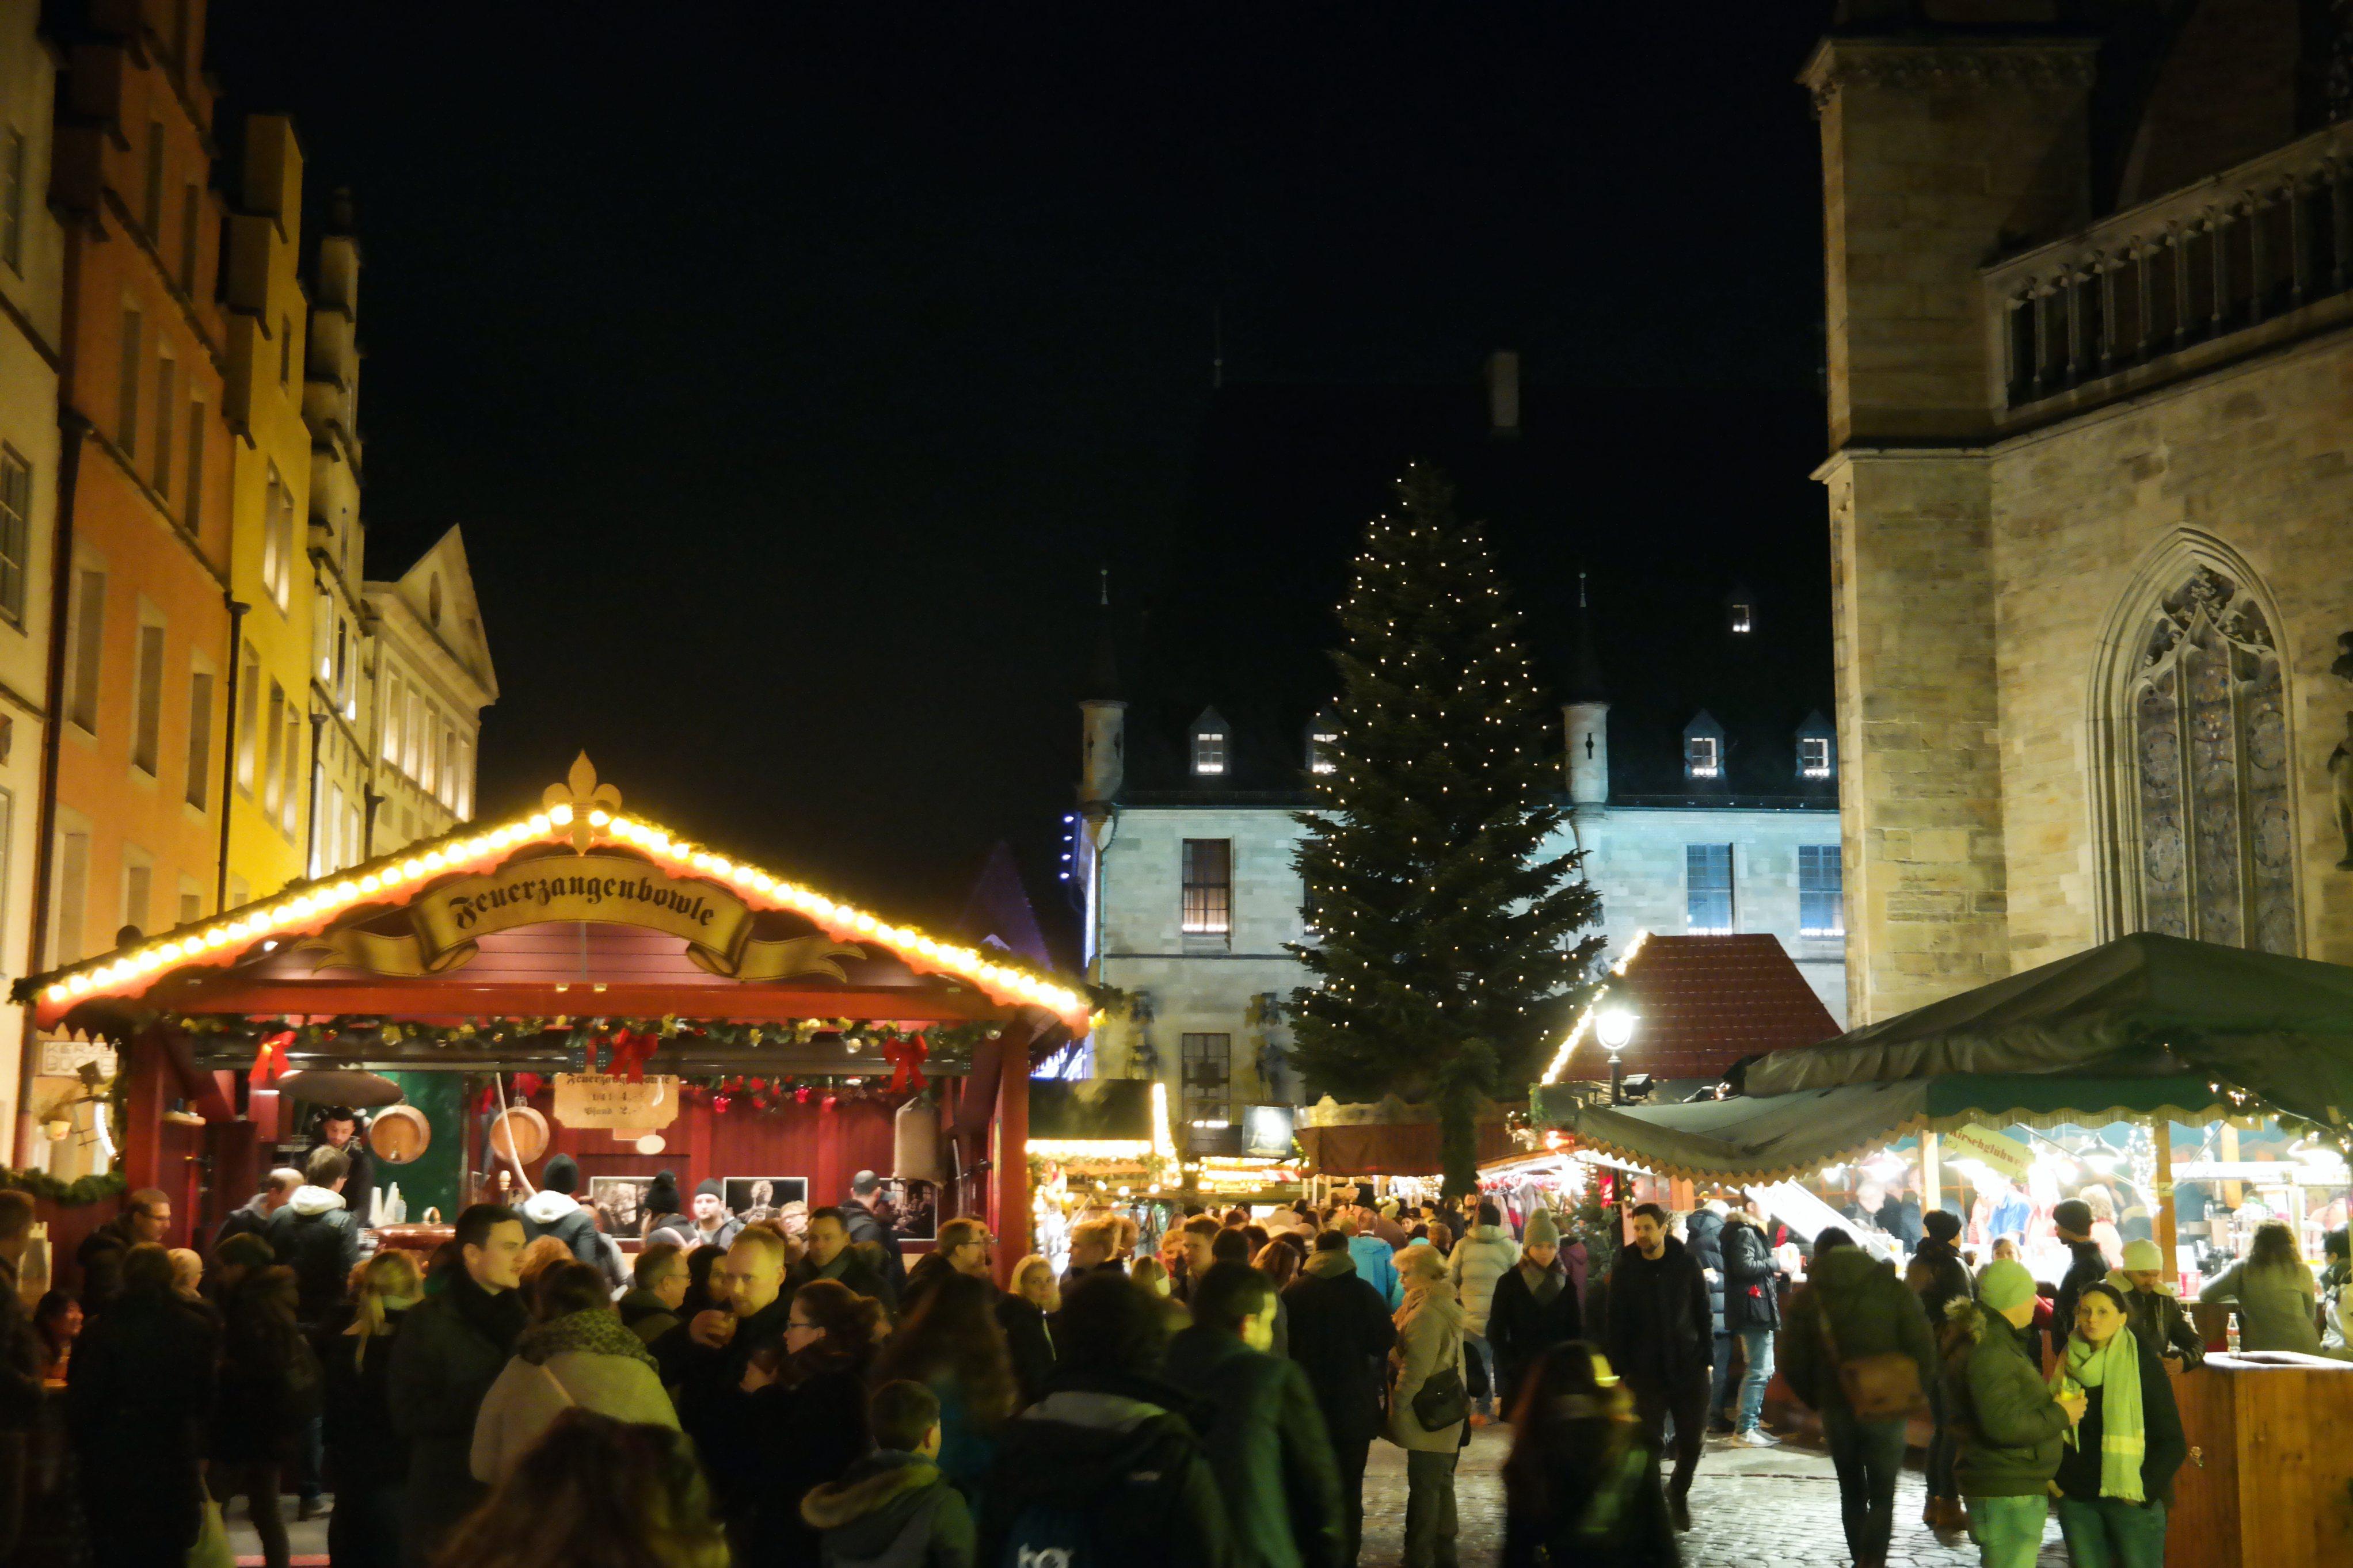 Weihnachtsmarkt Osnabrück.Historischer Weihnachtsmarkt Osnabrück